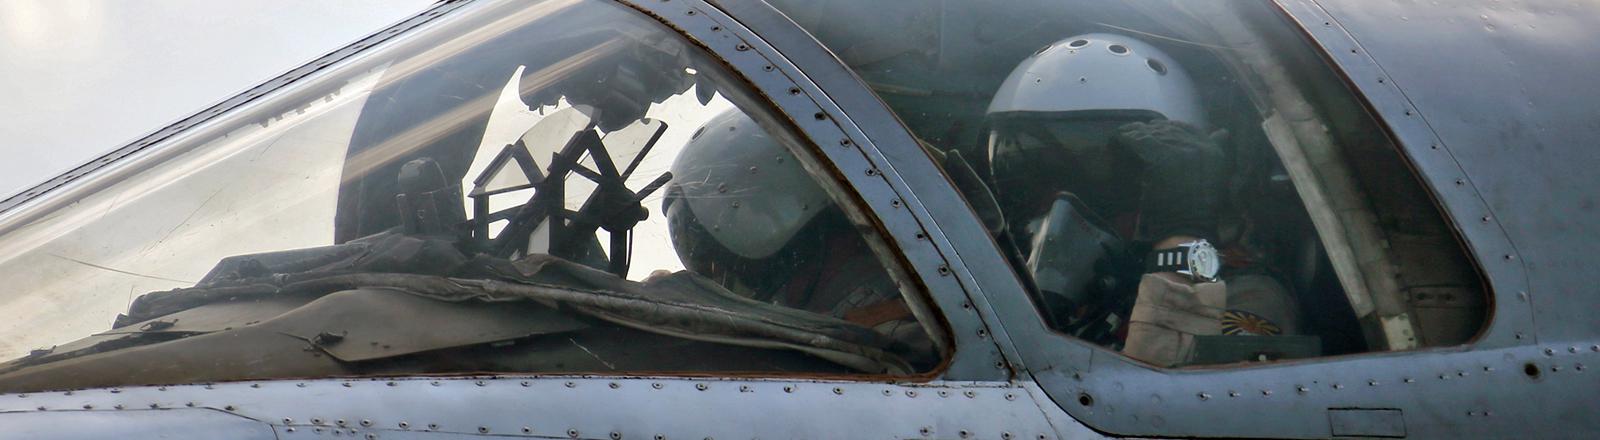 Ein russischer Pilot sitzt in seiner Sukhoi SU-24.